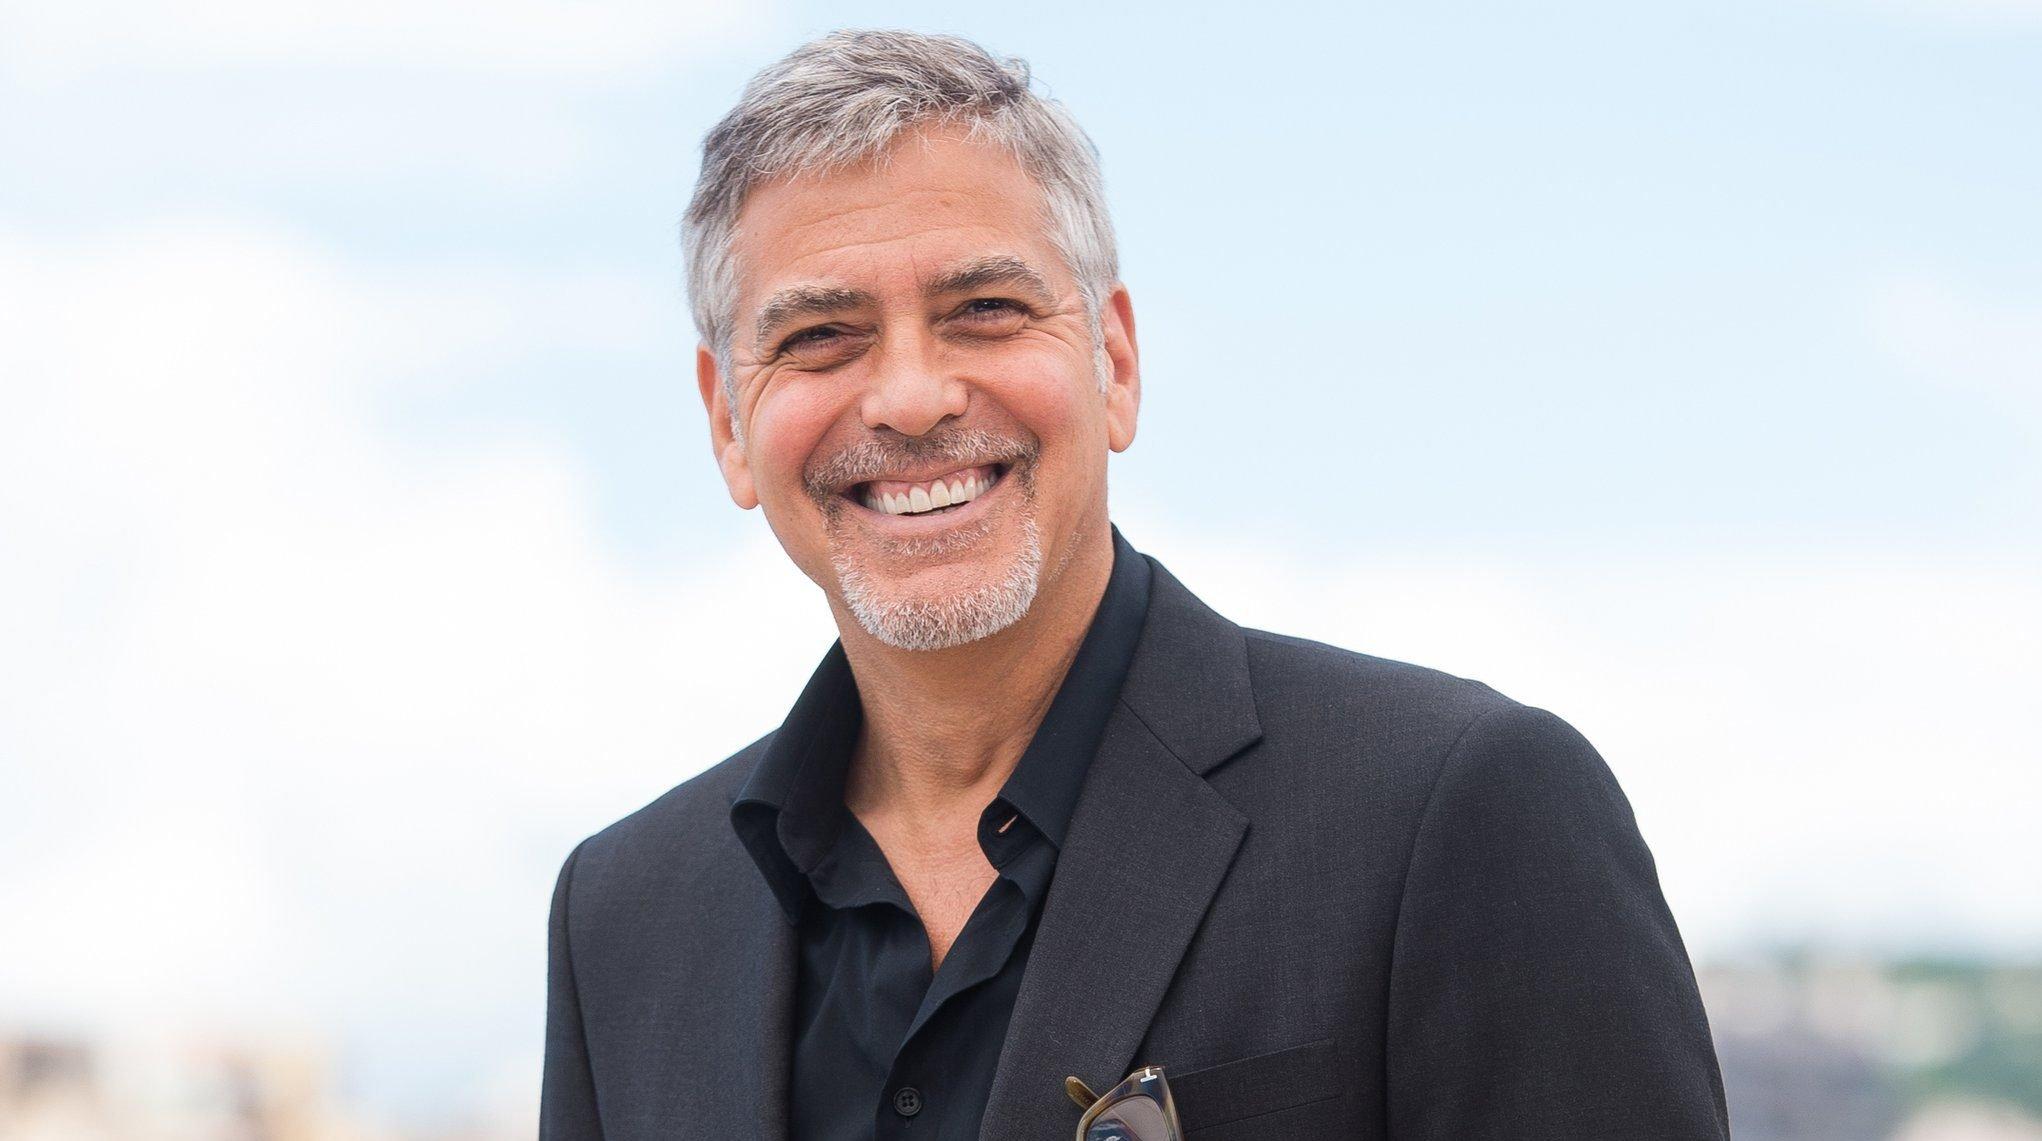 tmp 3ln2hl 6a08a35b2ded0464 main e1513930651506.jpg?resize=1200,630 - George Clooney dá 1 milhão de dólares a amigo que o ajudou como forma de agradecimento